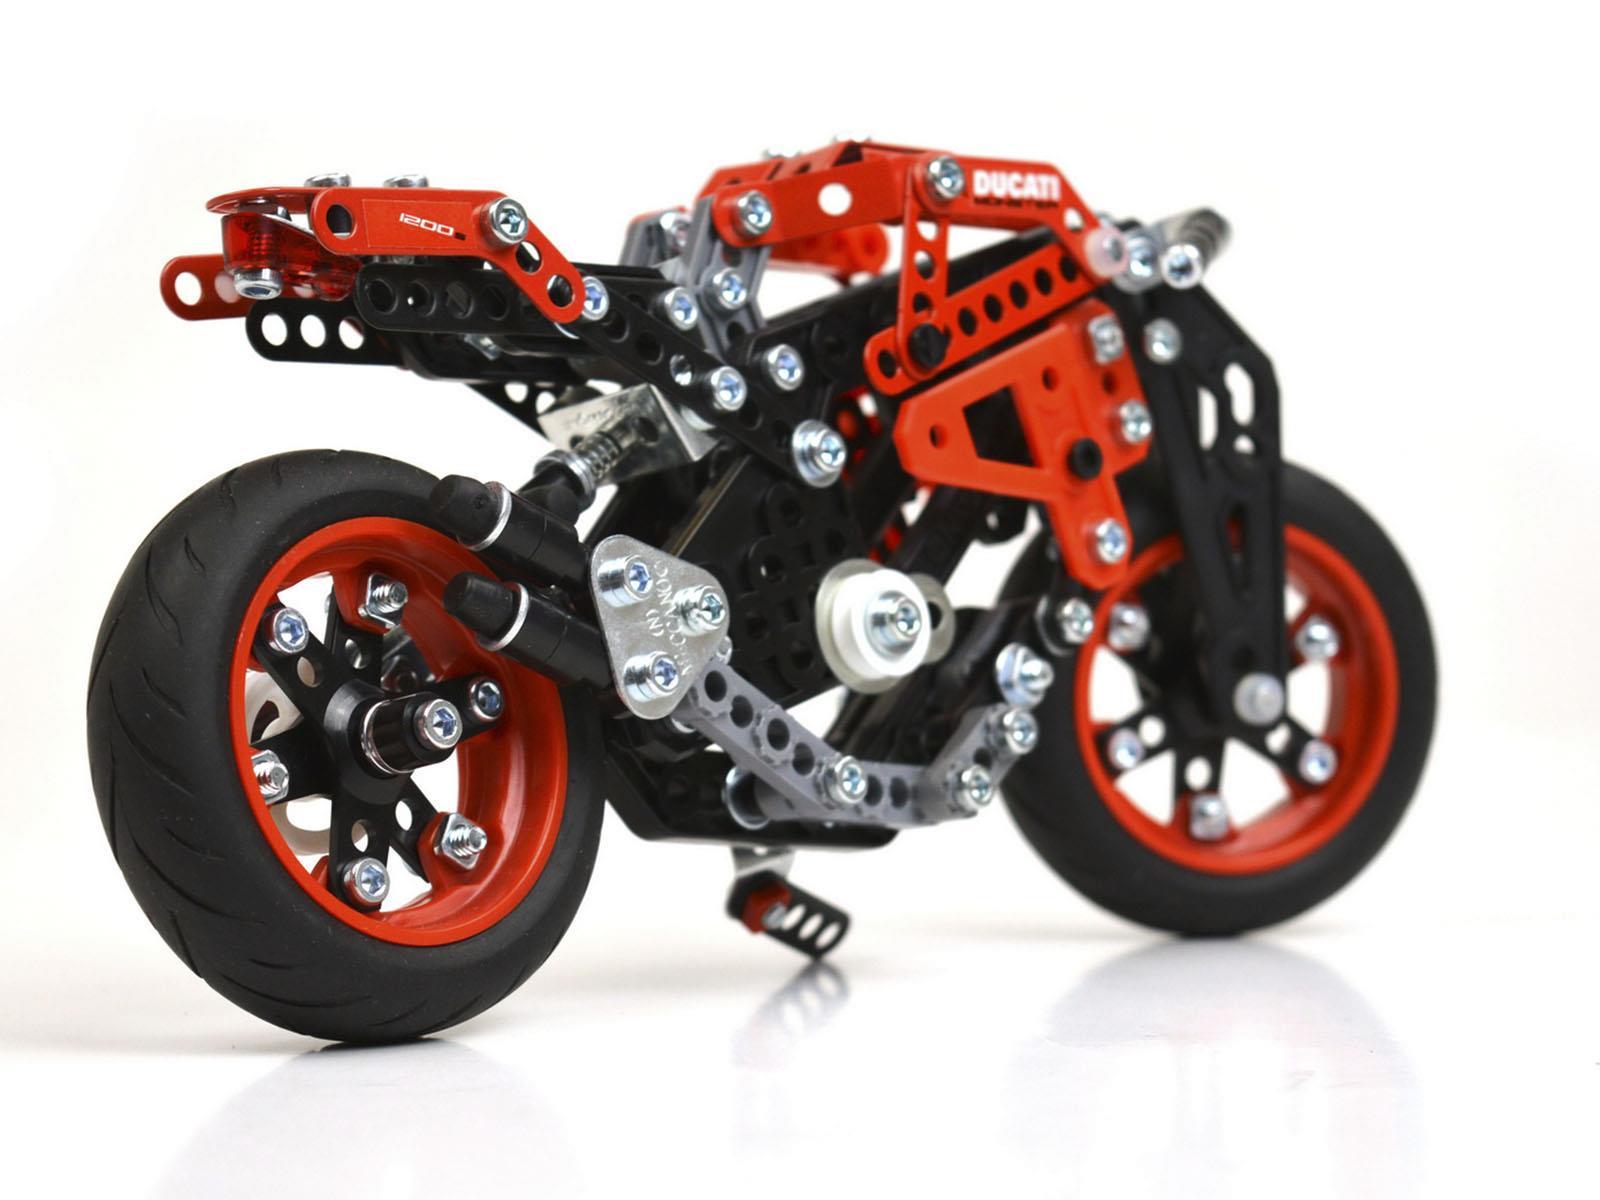 Meccano Ducati Monster 1200 S, lo último en juguetes - Autocosmos.com